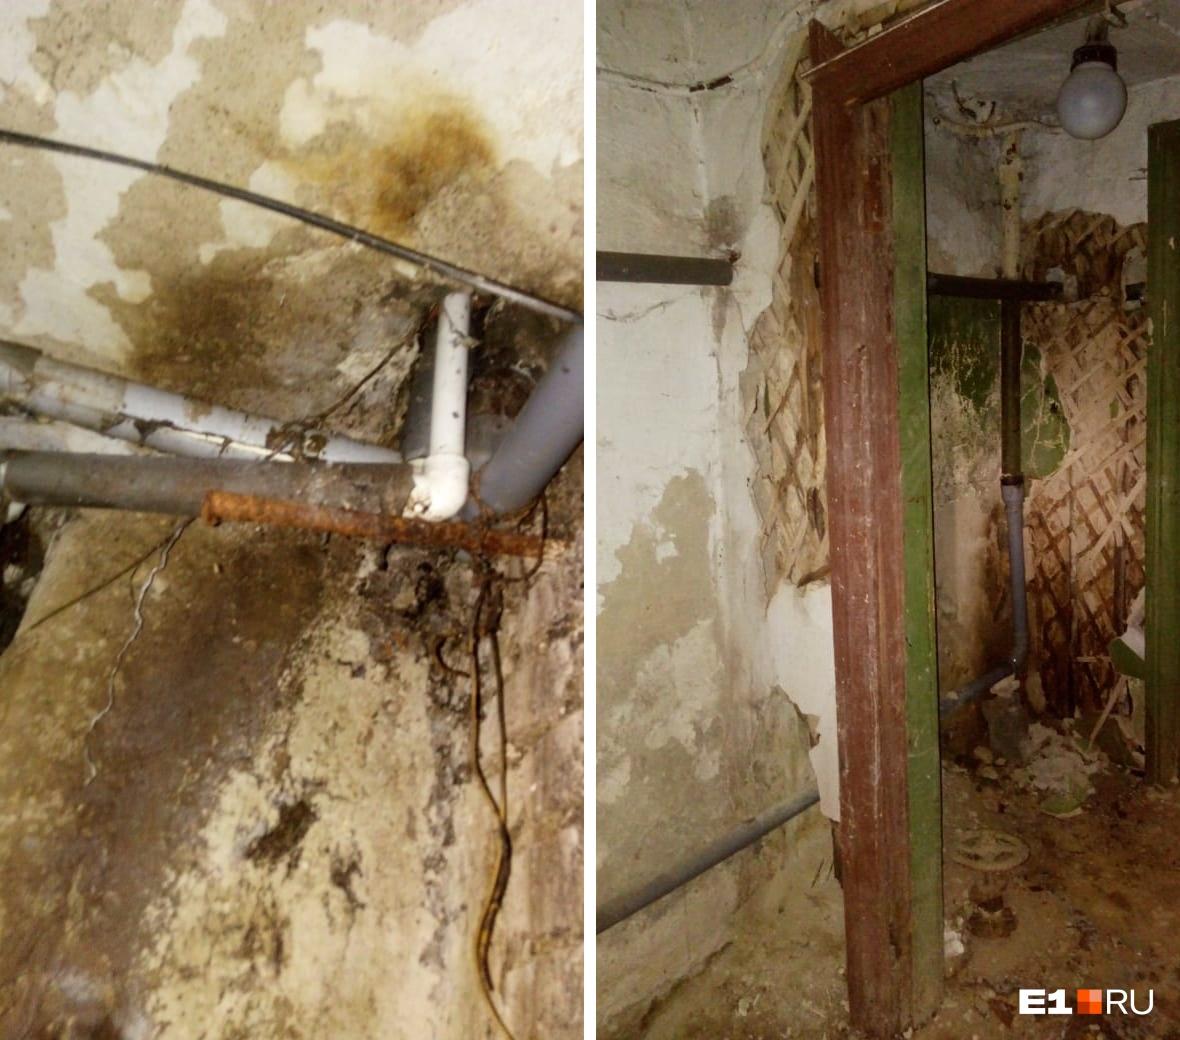 В управляющей компании говорят, что дом нуждается в глобальном ремонте, а не точечном